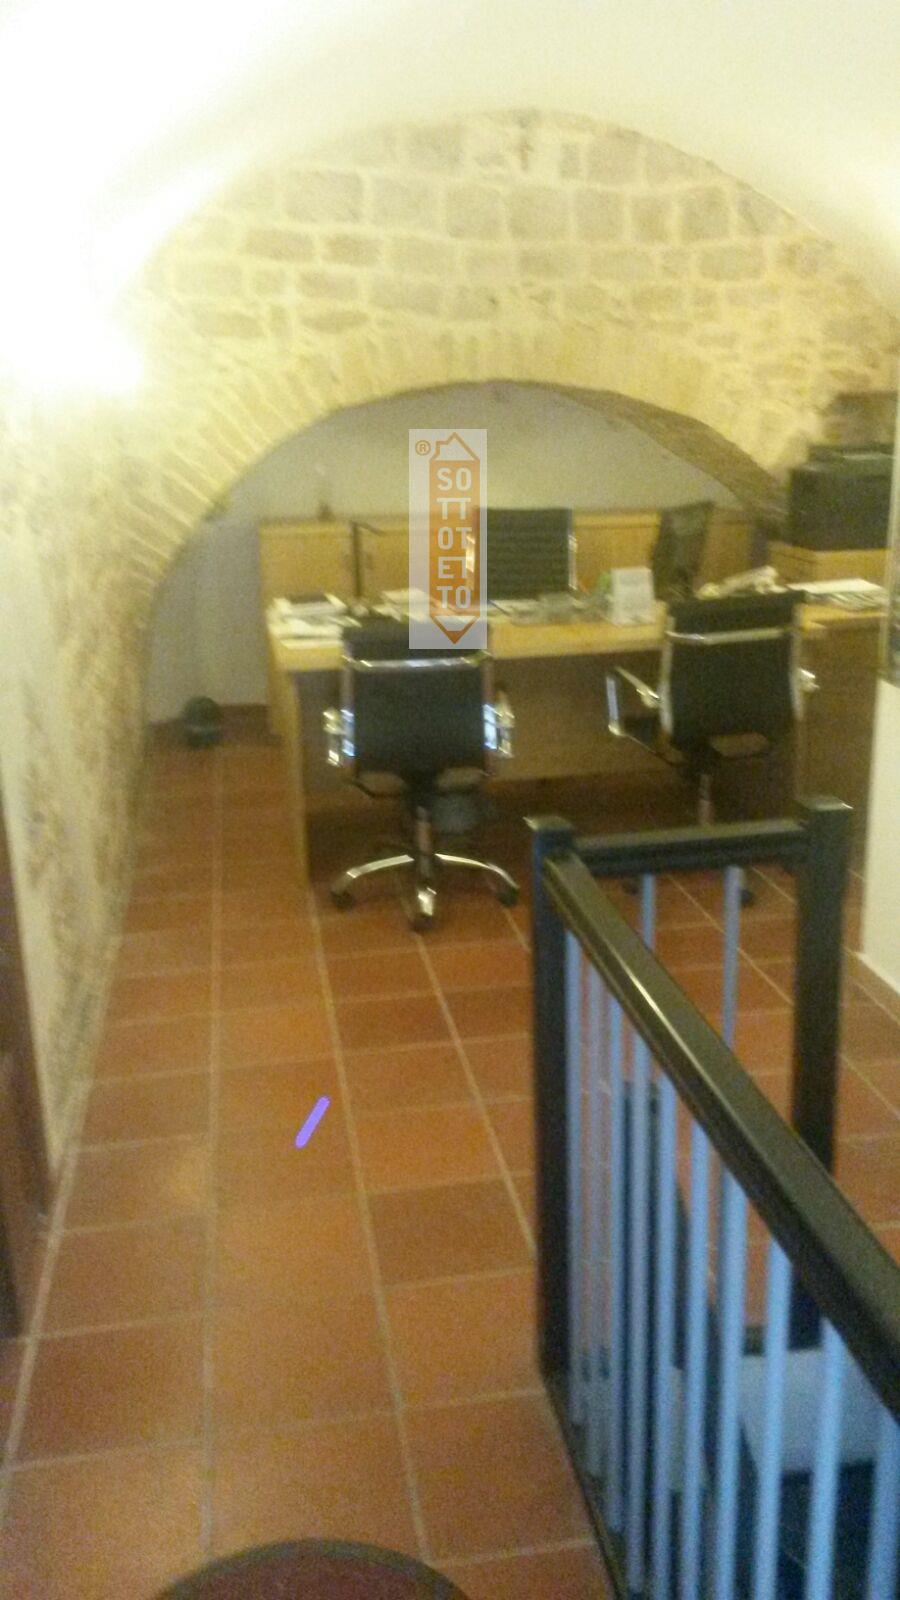 Locale commerciale Centro storico Corato